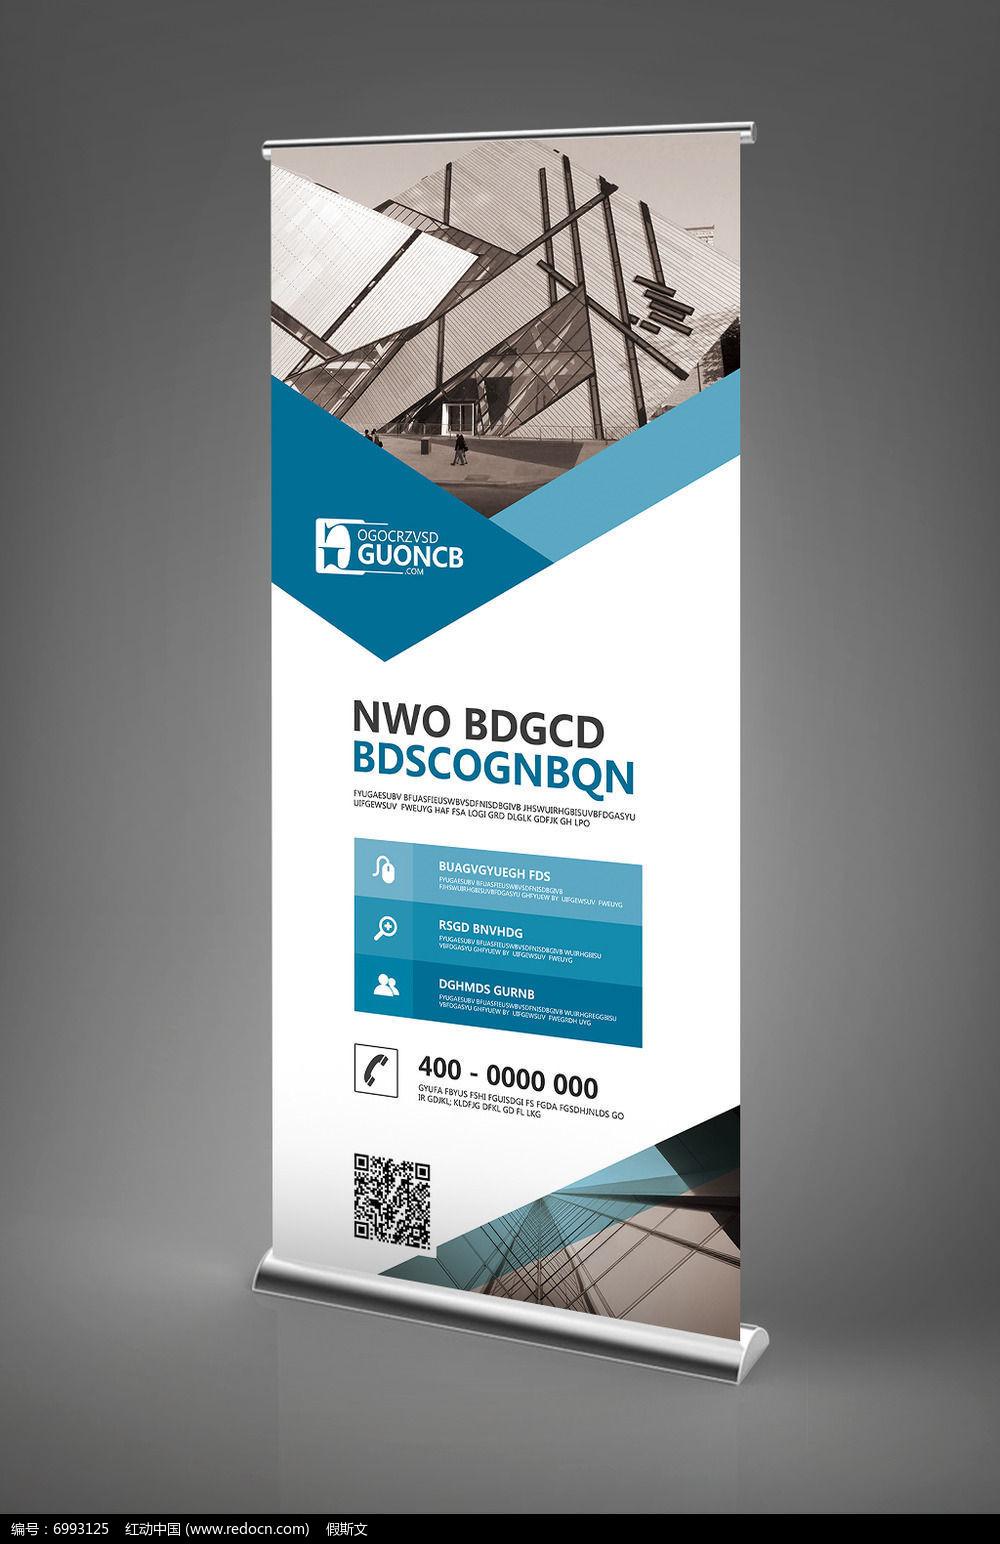 原创设计稿 海报设计/宣传单/广告牌 x展架|易拉宝背景 高端简洁商务